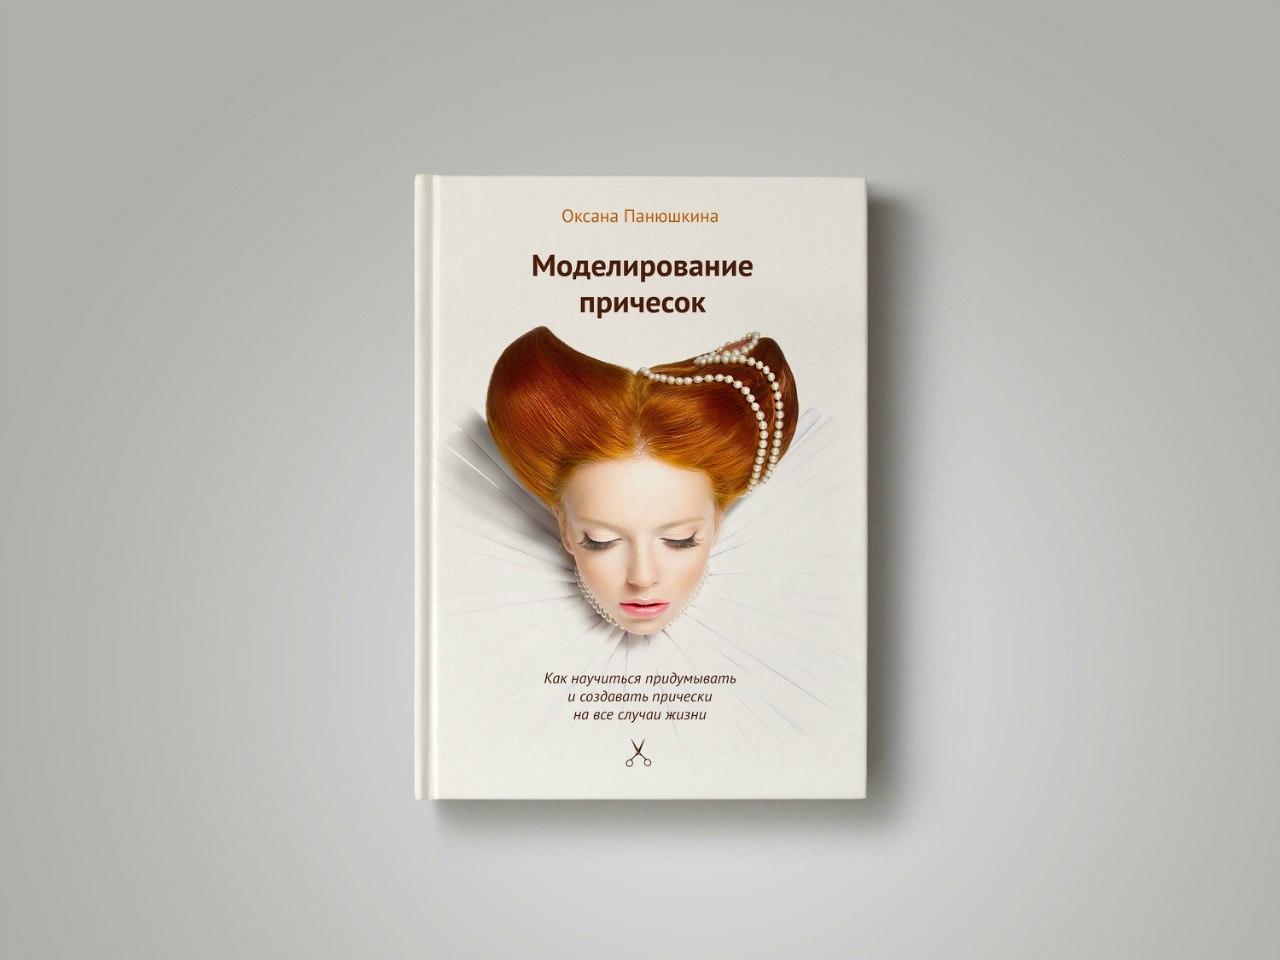 Книга по моделированию прически